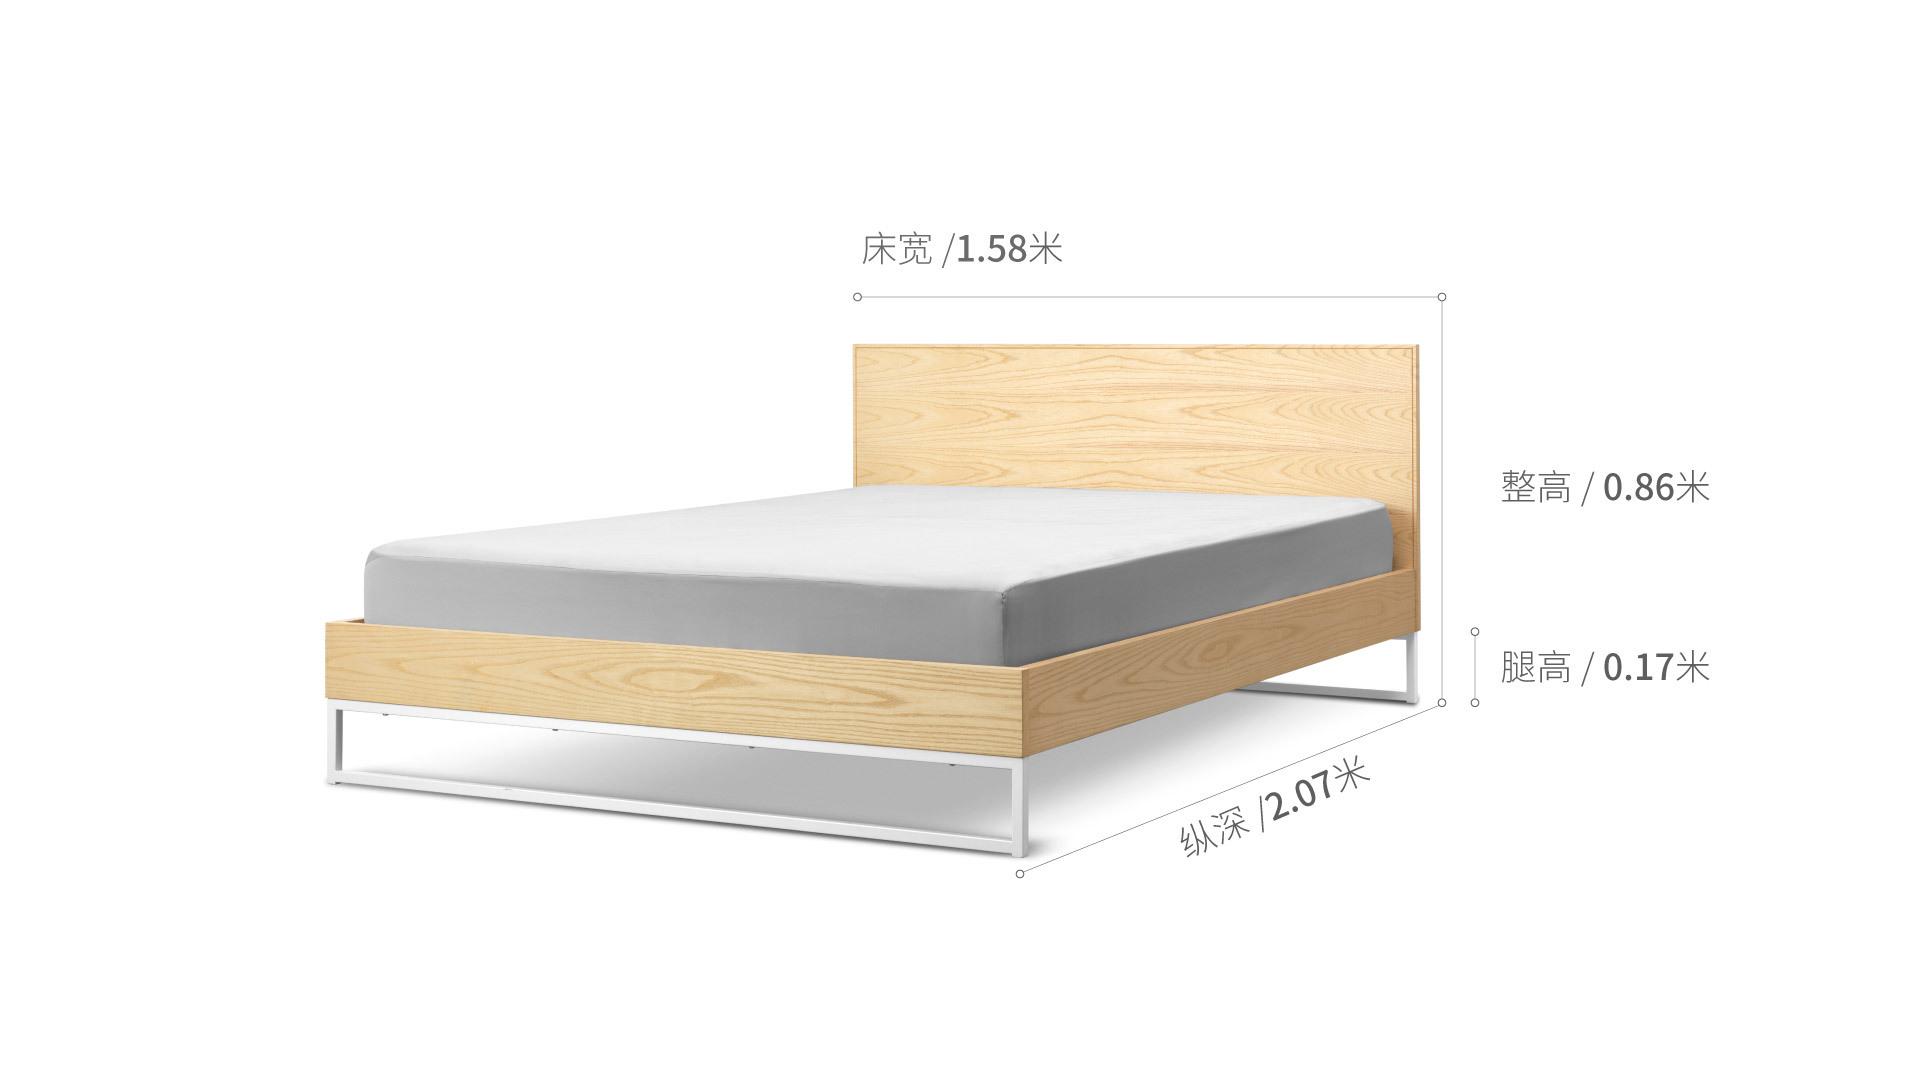 画板床®1.5米款床·床具效果图